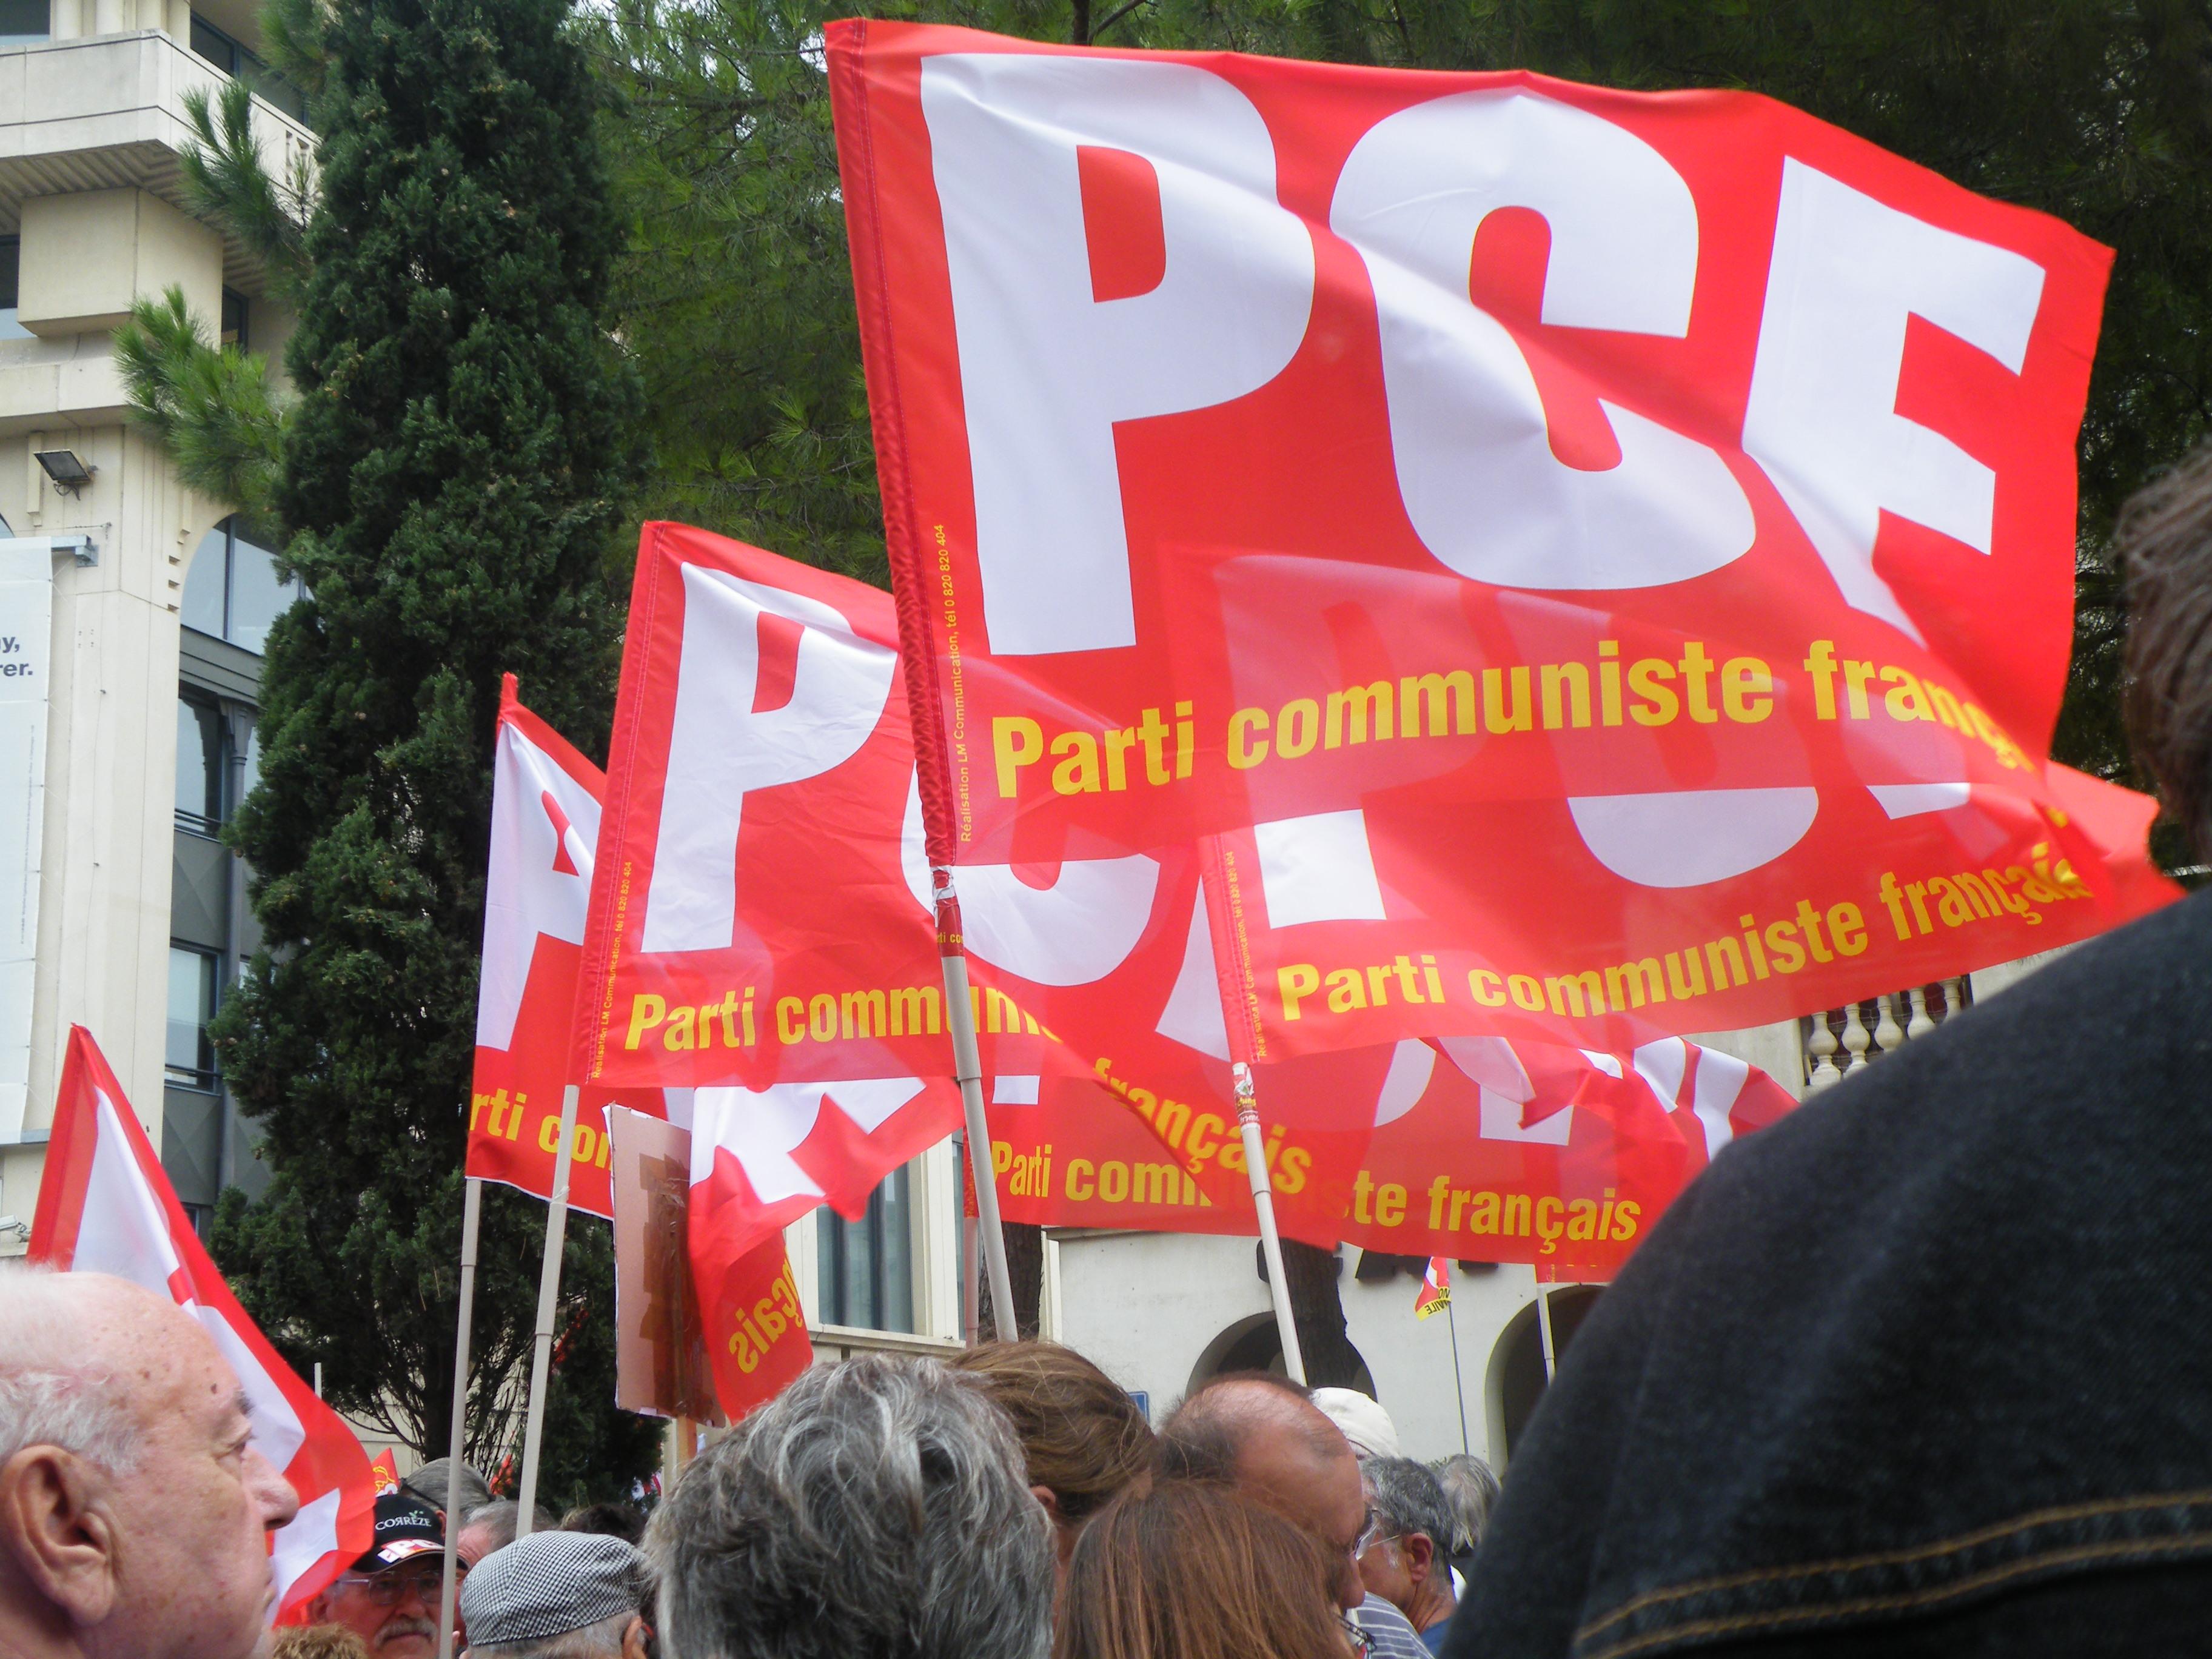 http://le-grand-duduche.cowblog.fr/images/articles2010/DSCF6033.jpg